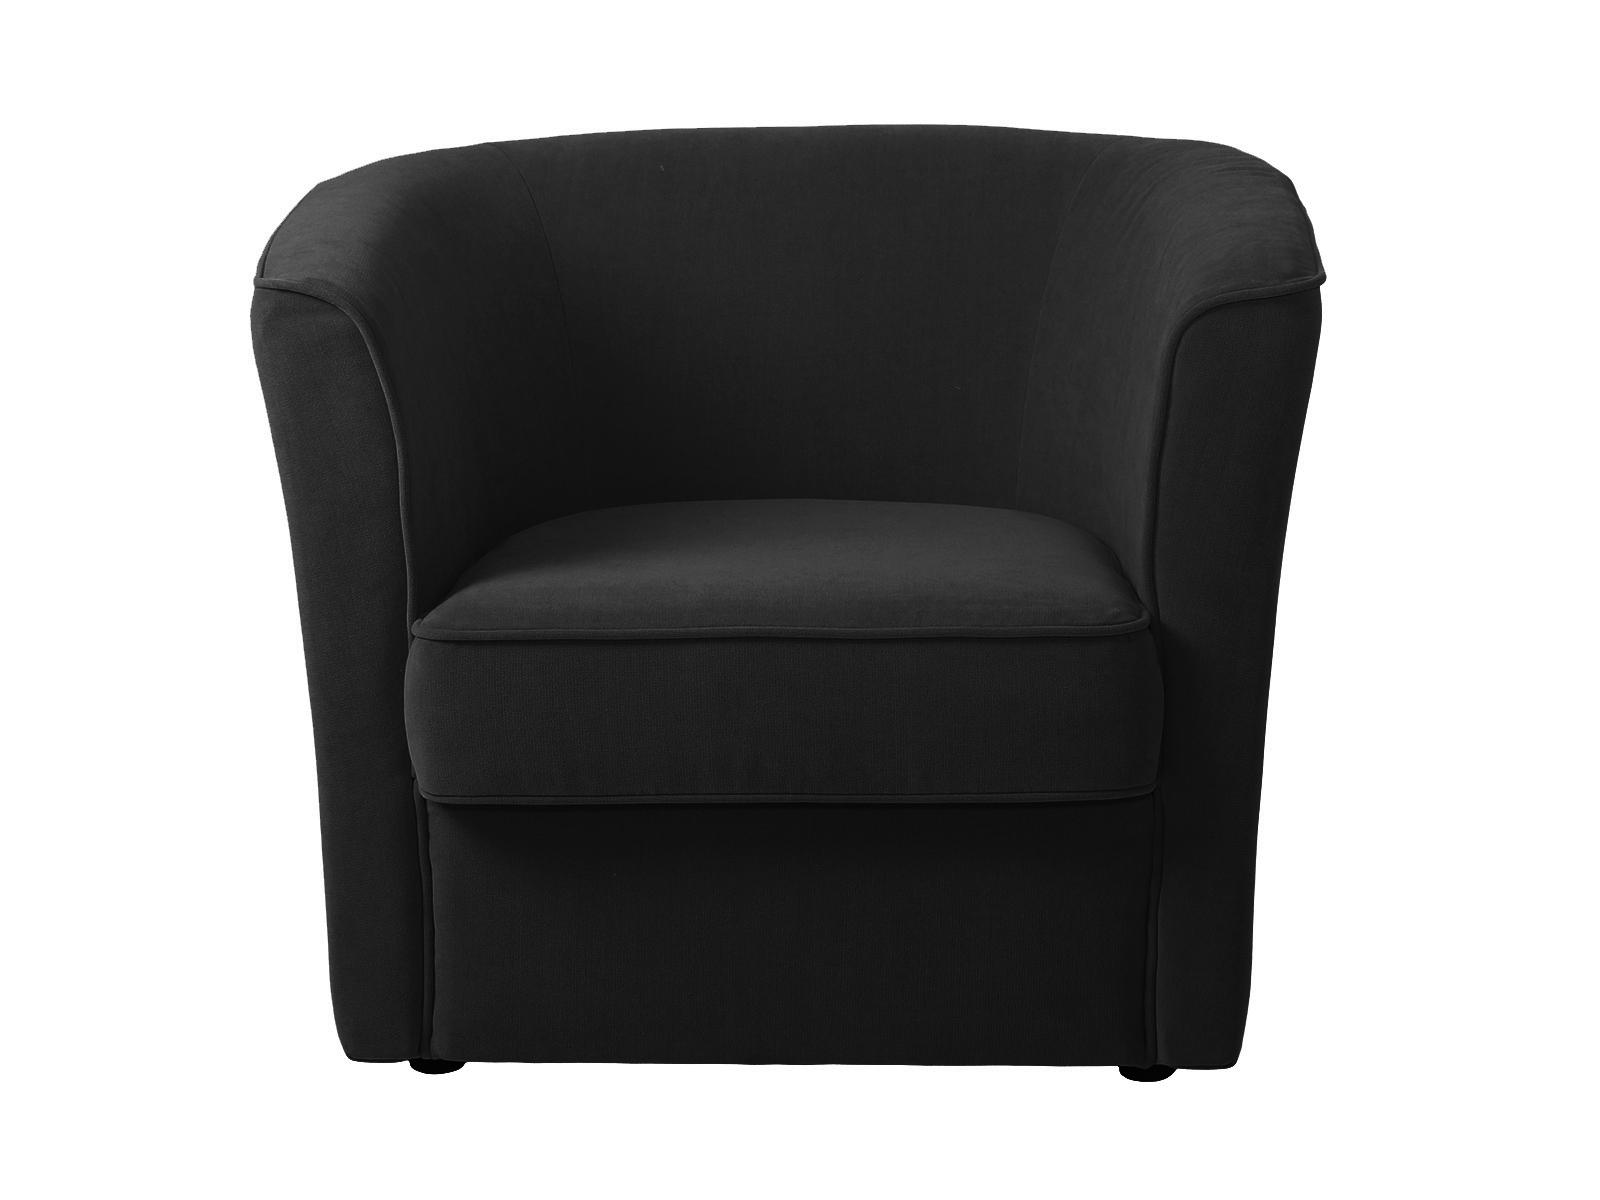 Кресло CaliforniaКресла<br>Кресло с мягкими подлокотниками. <br>